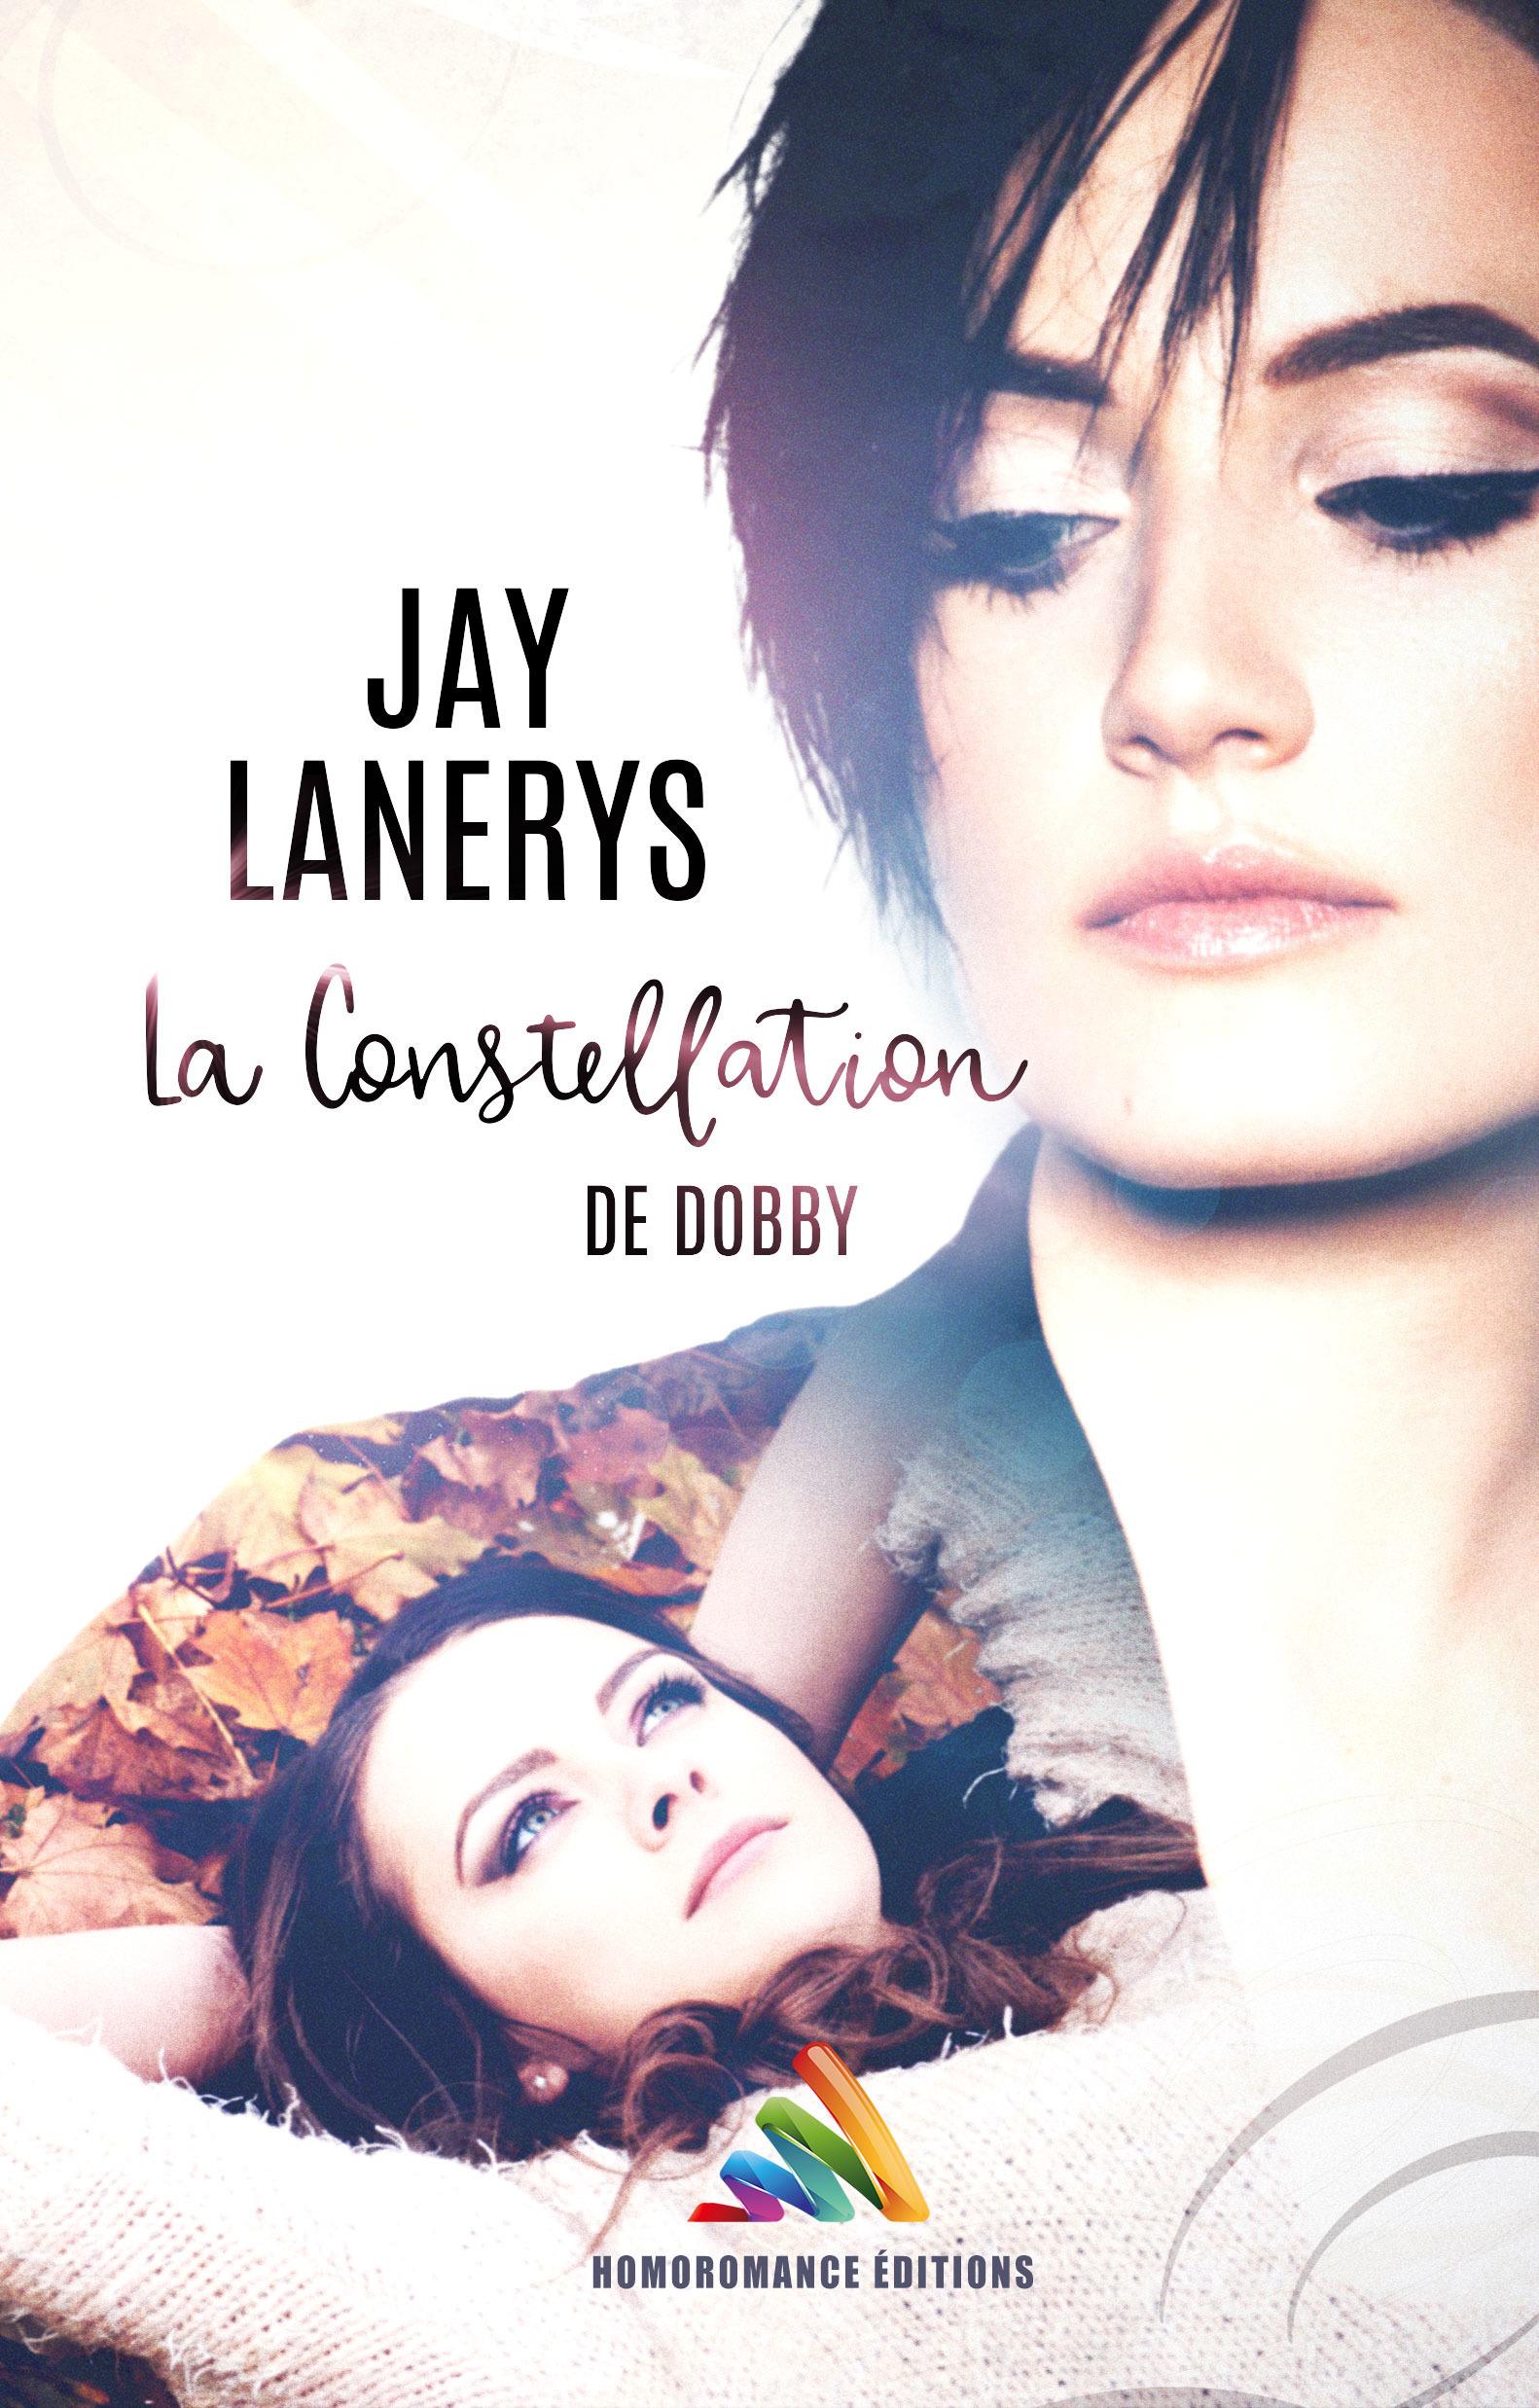 La constellation de Dobby